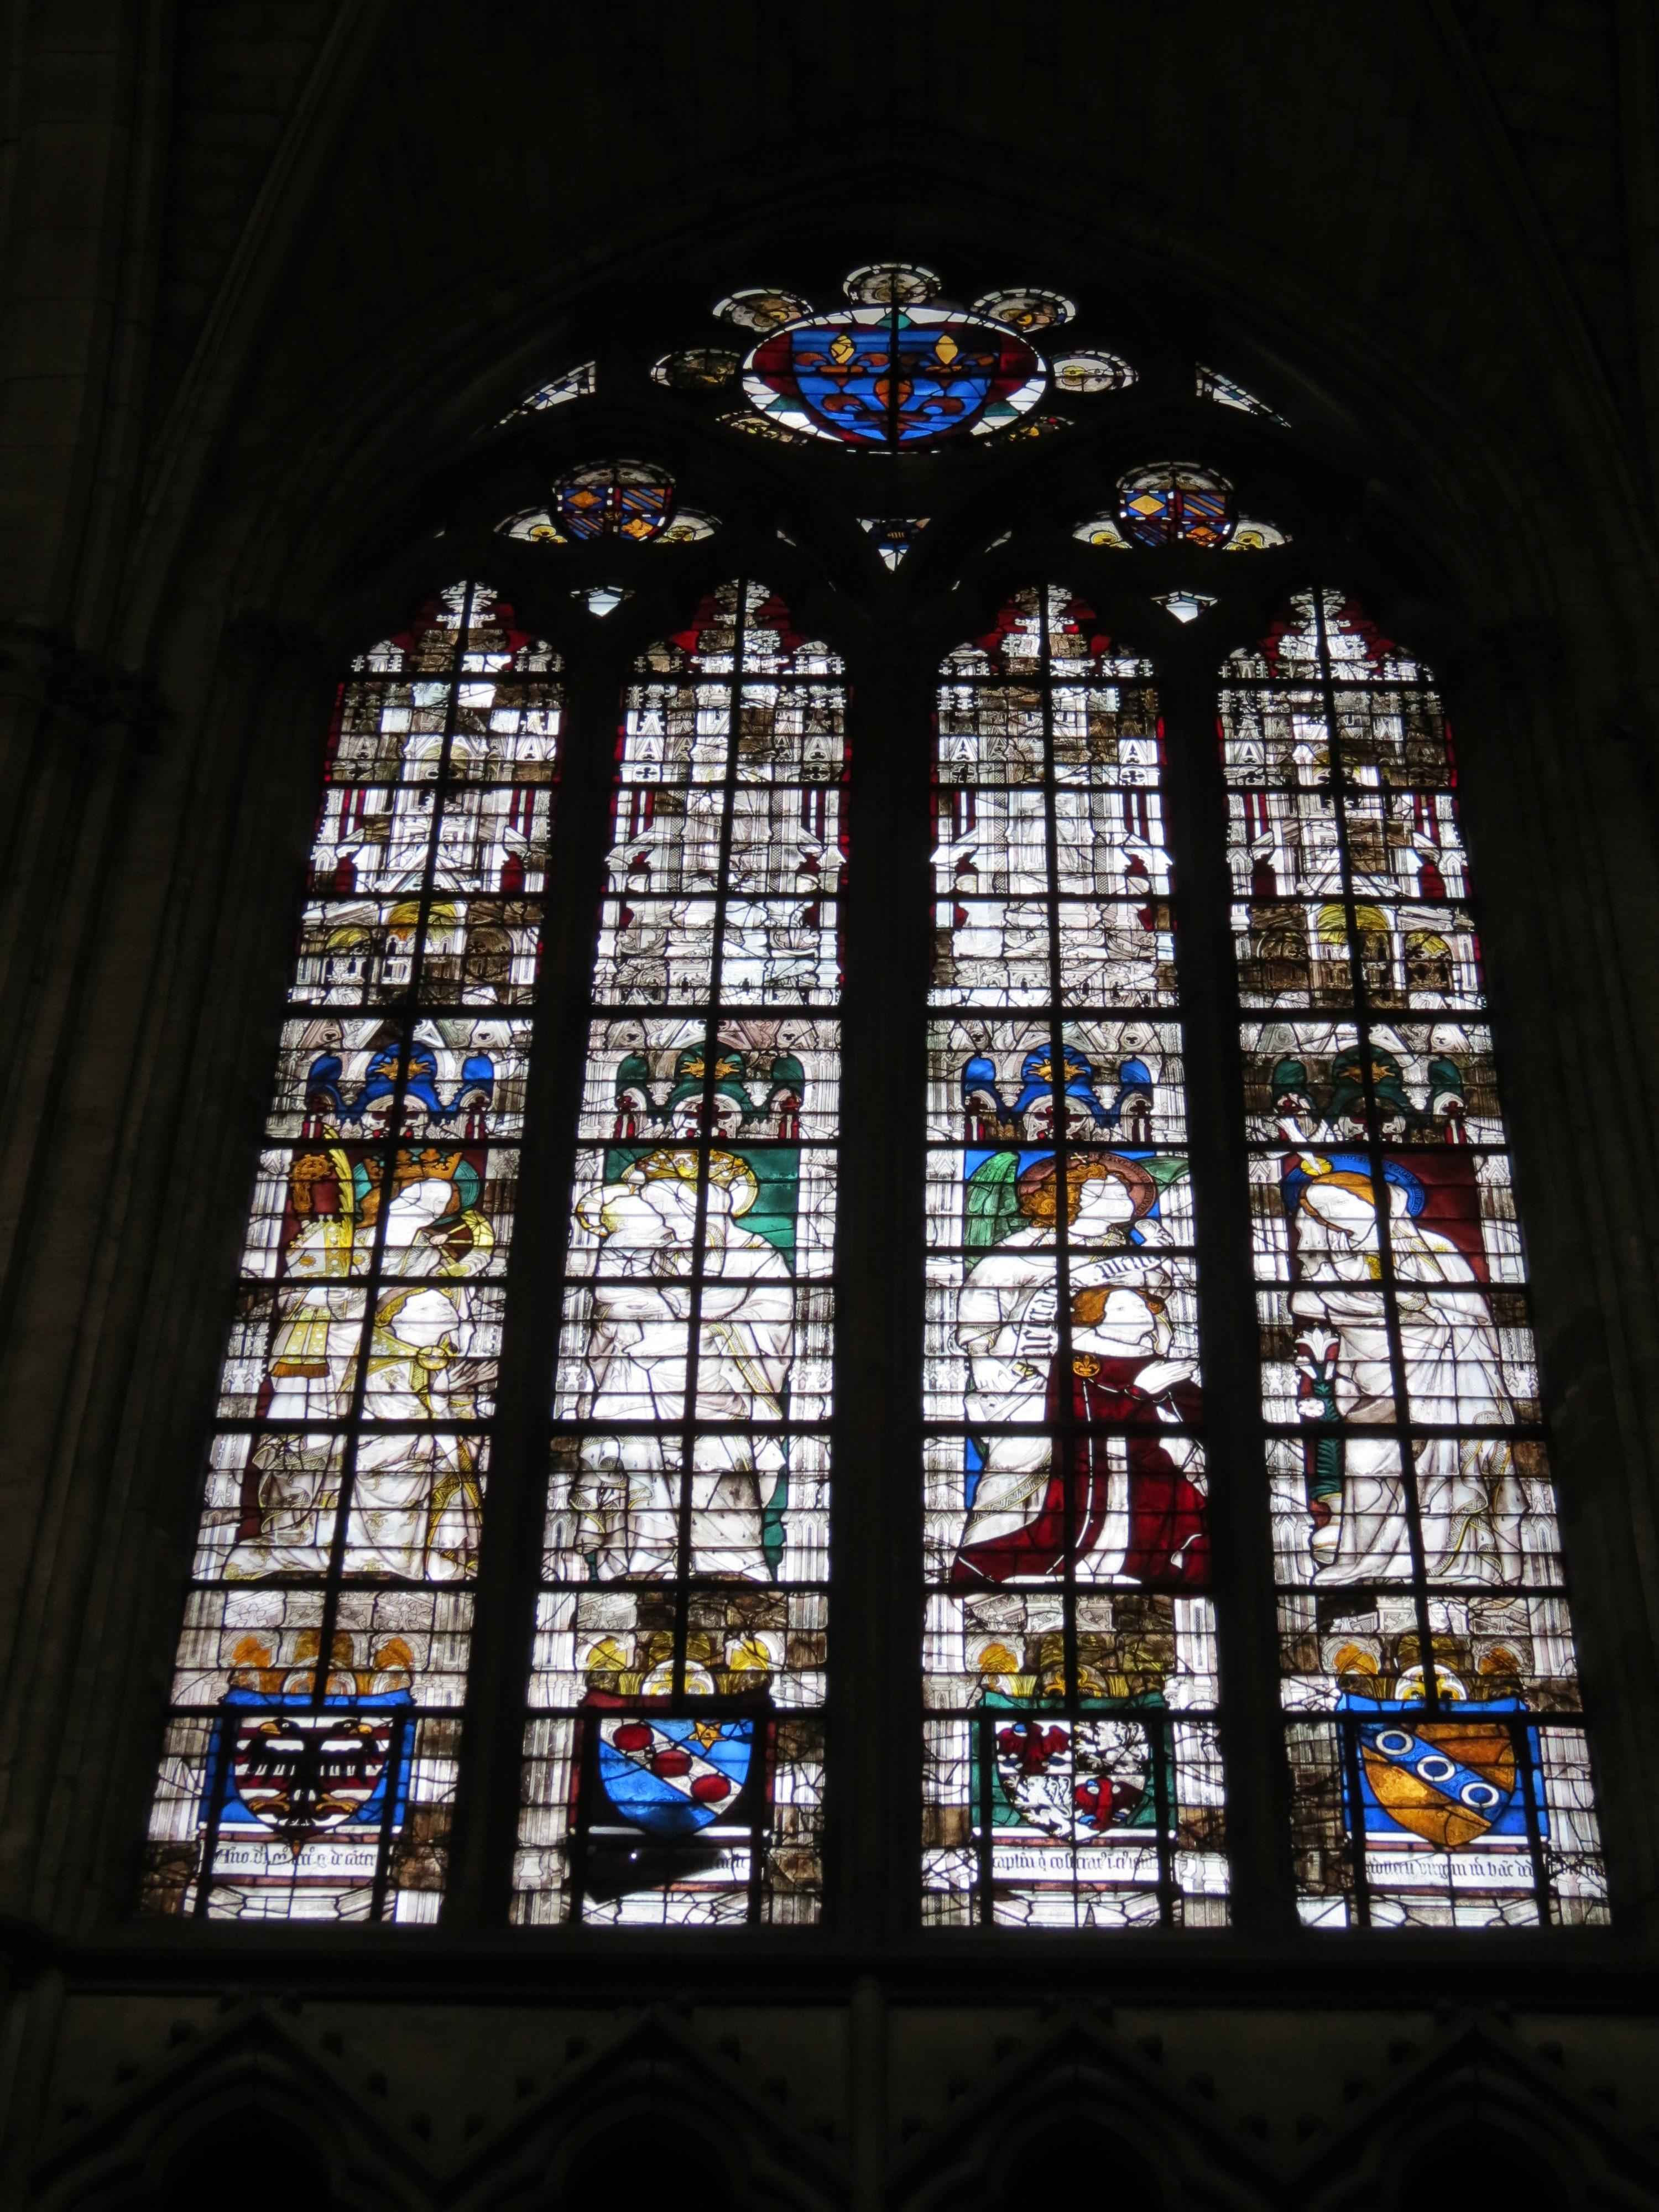 129 1413 apres Guillaume de Cantiers et sainte Catherine Jean de la Ferte-Fresnel et Vierge annonciation Baie_129 Evreux